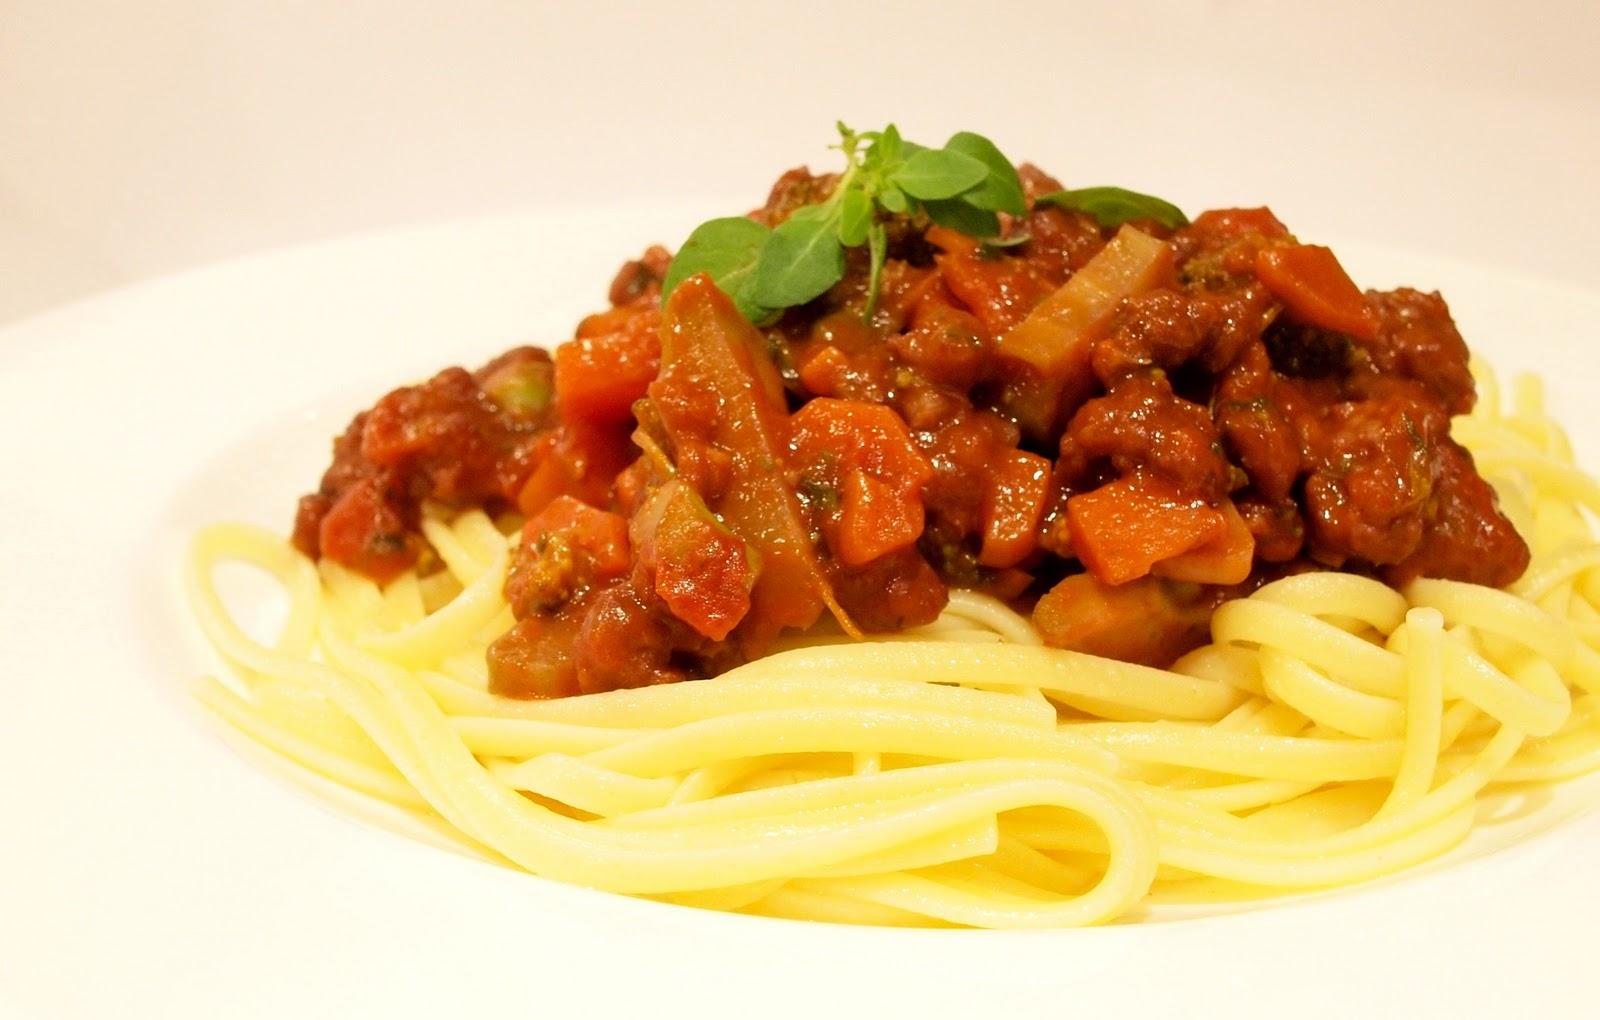 vgnfdlvr: Vegan Spaghetti Bolognese